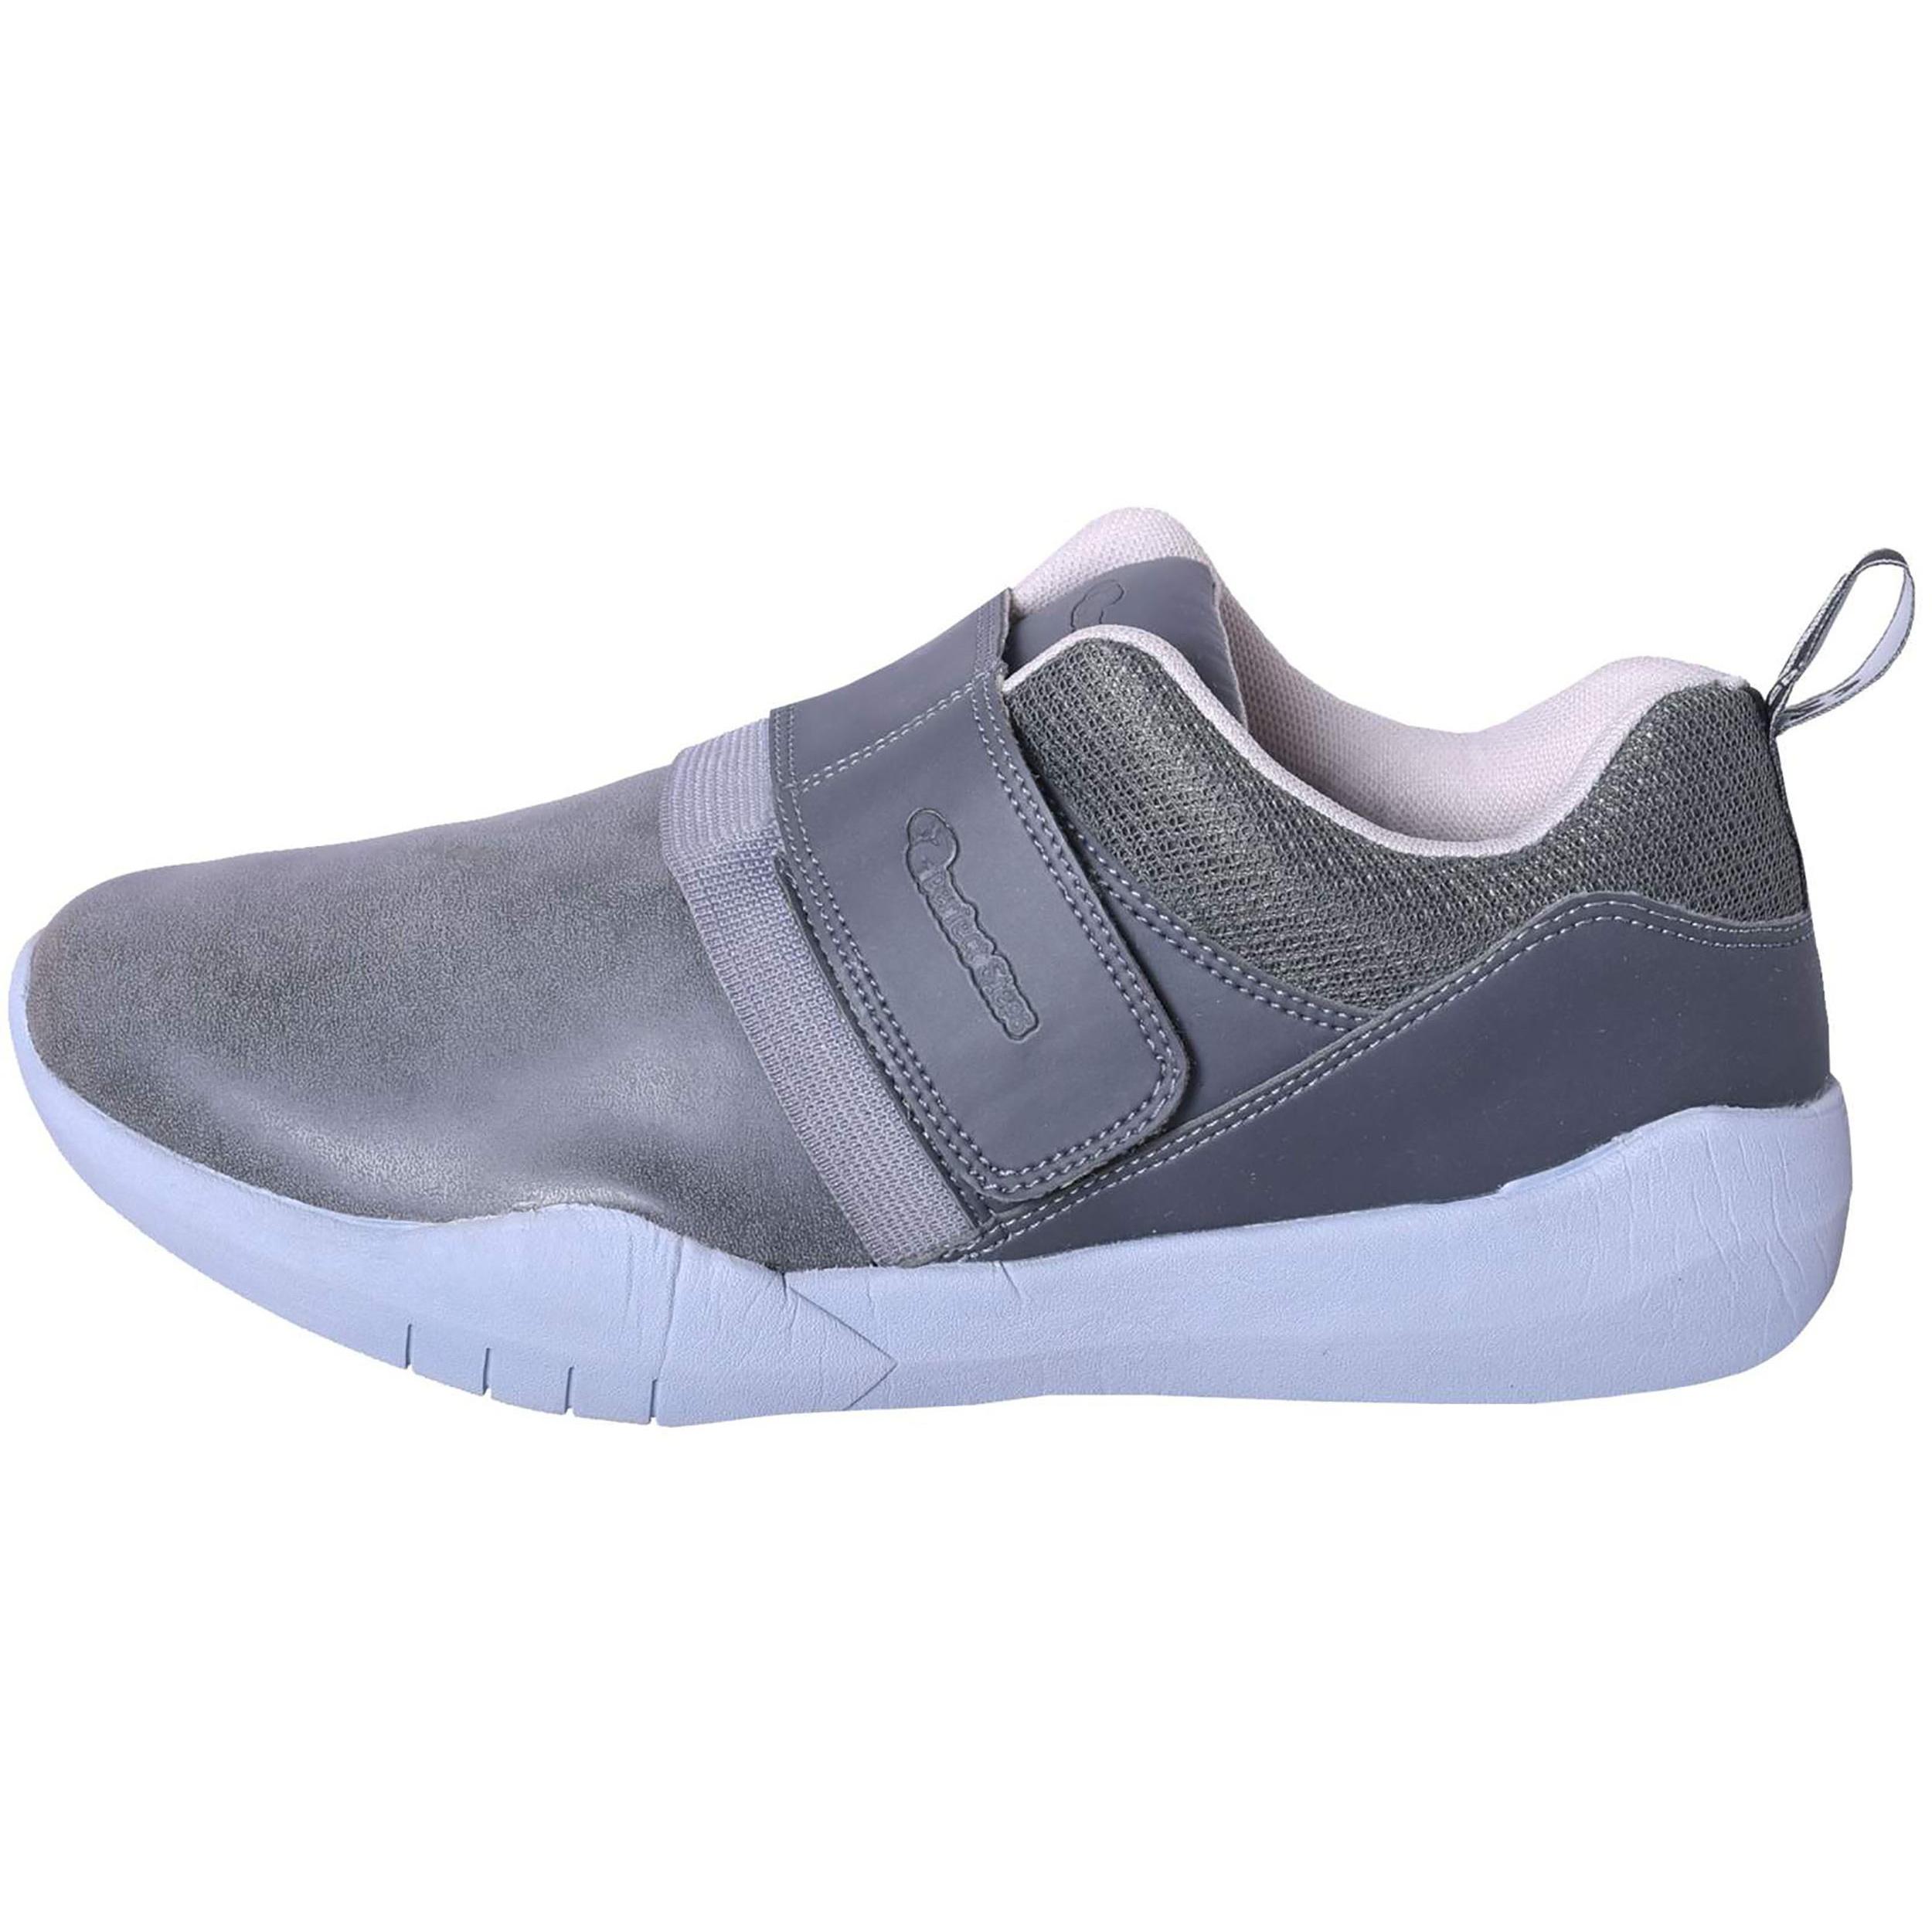 کفش مخصوص پیاده روی زنانه پرفکت استپس کد GRY-1933